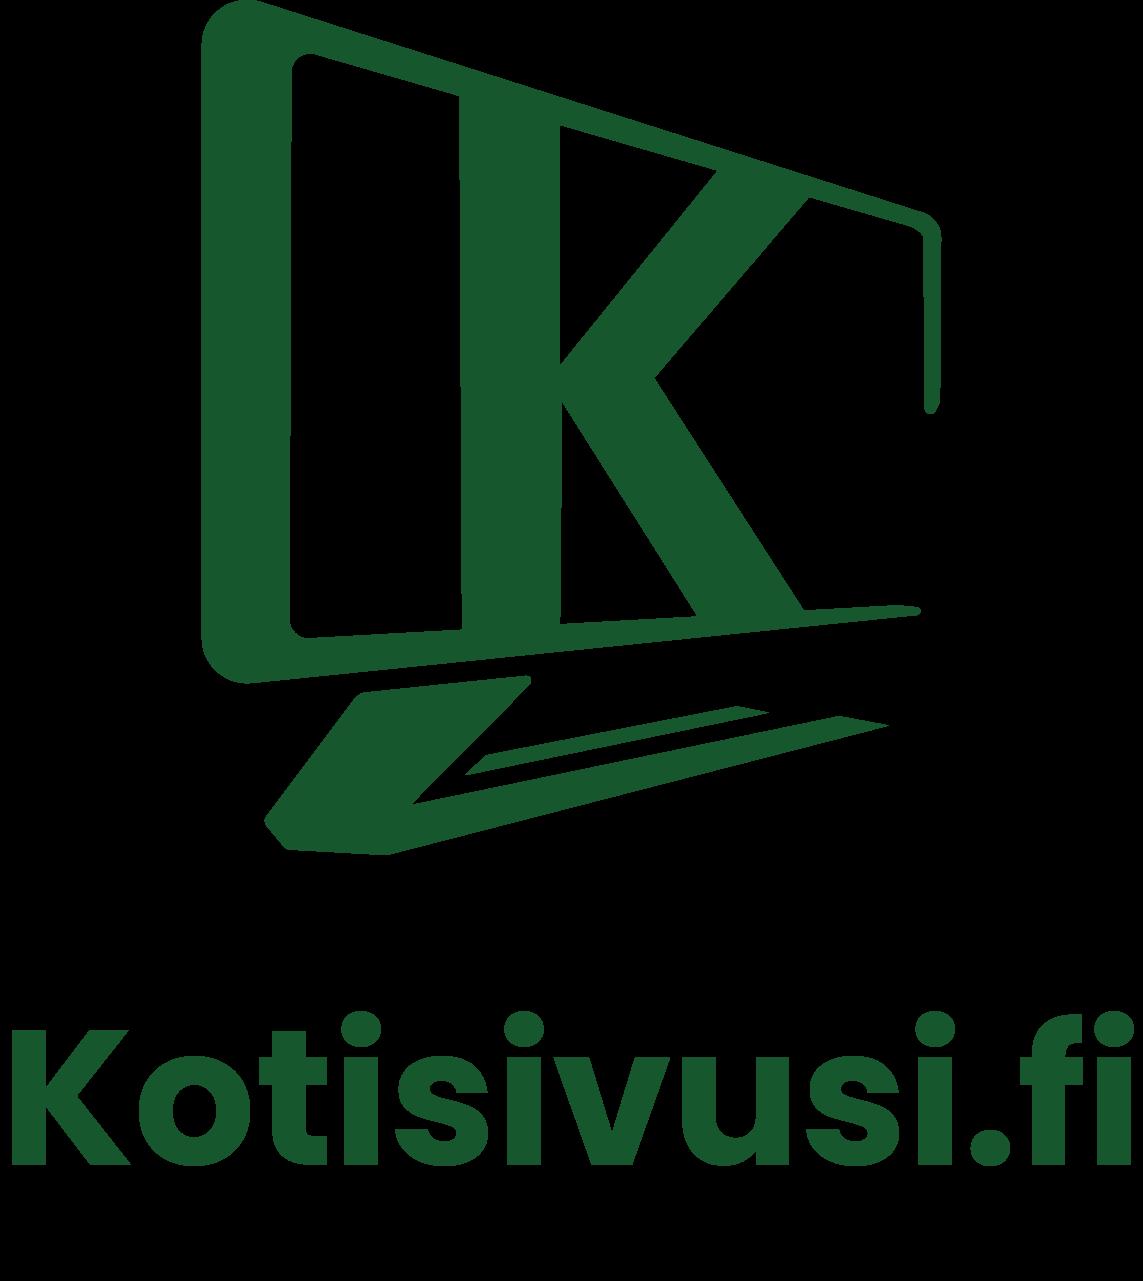 Kotisivut yritykselle logo, monipuoliset kotisivut yritykselle toteuttaa Kotisivusi fi ympäri Suomen, Oulu Helsinki Turku Tampere Jyväskylä Joensuu Rovaniemi Kuopio.